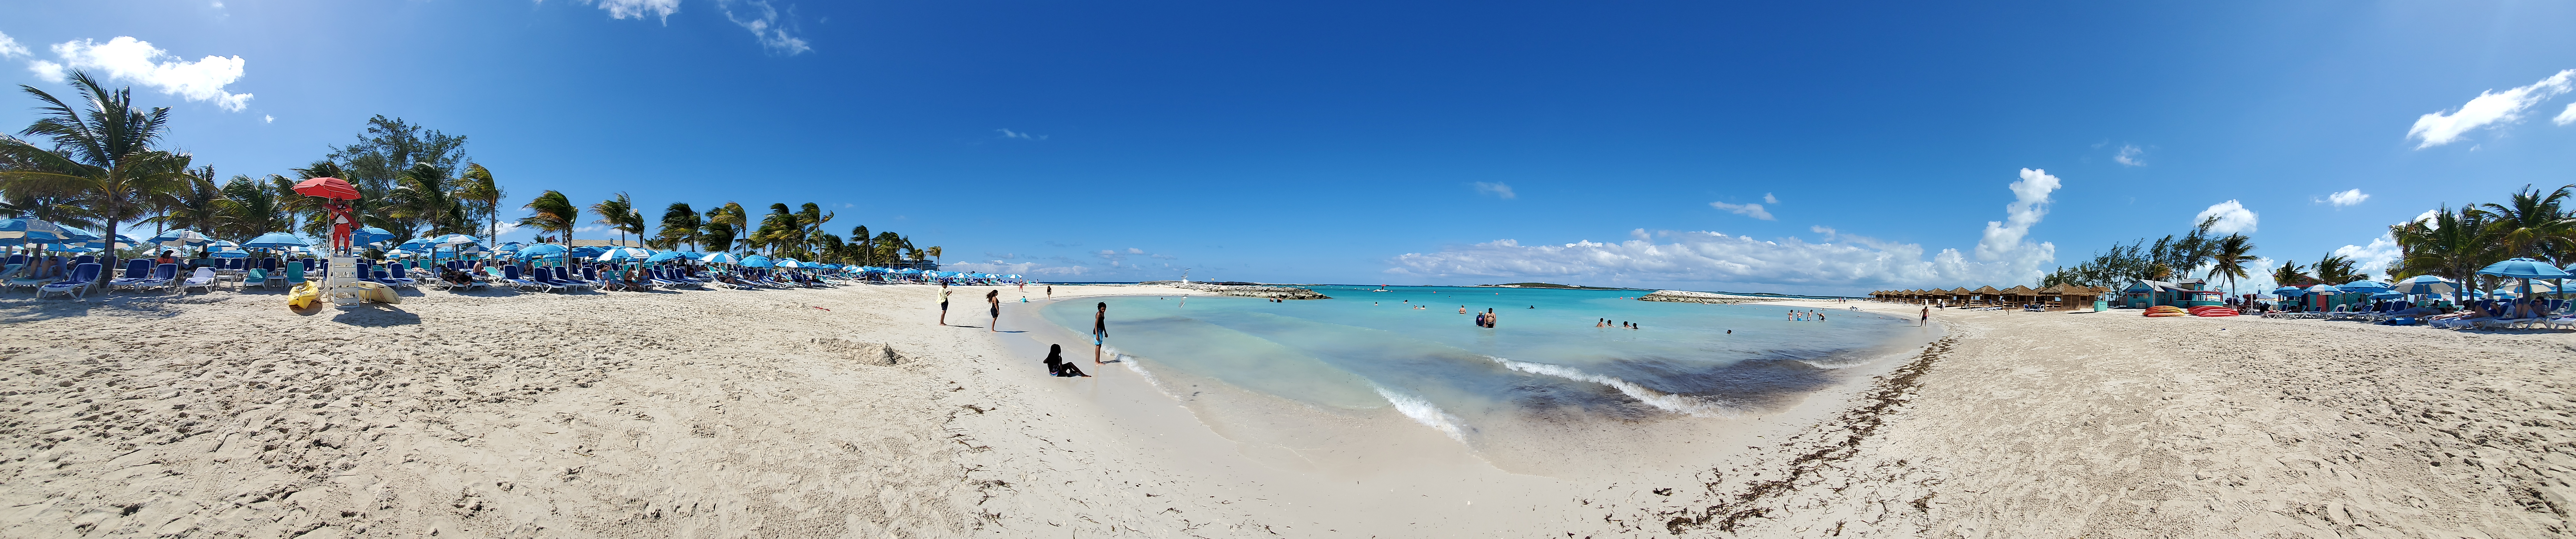 Panoramic of Chill Island